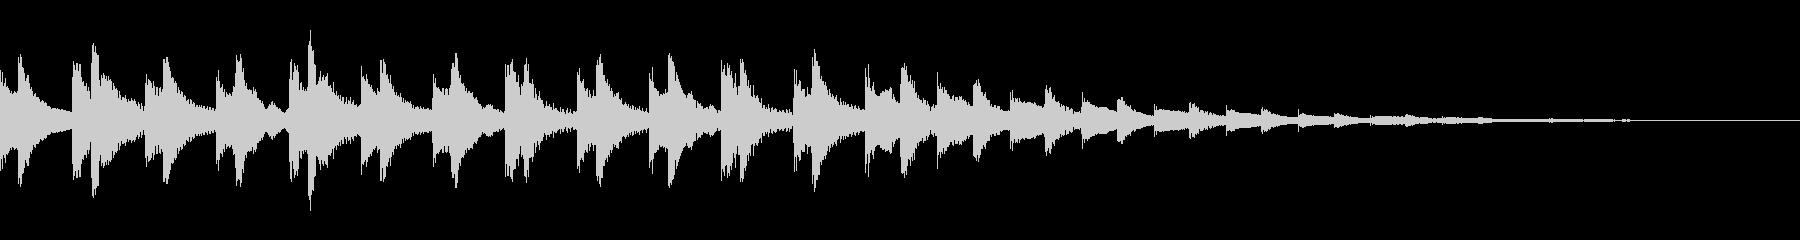 マリンバでのゲームーバー音の未再生の波形